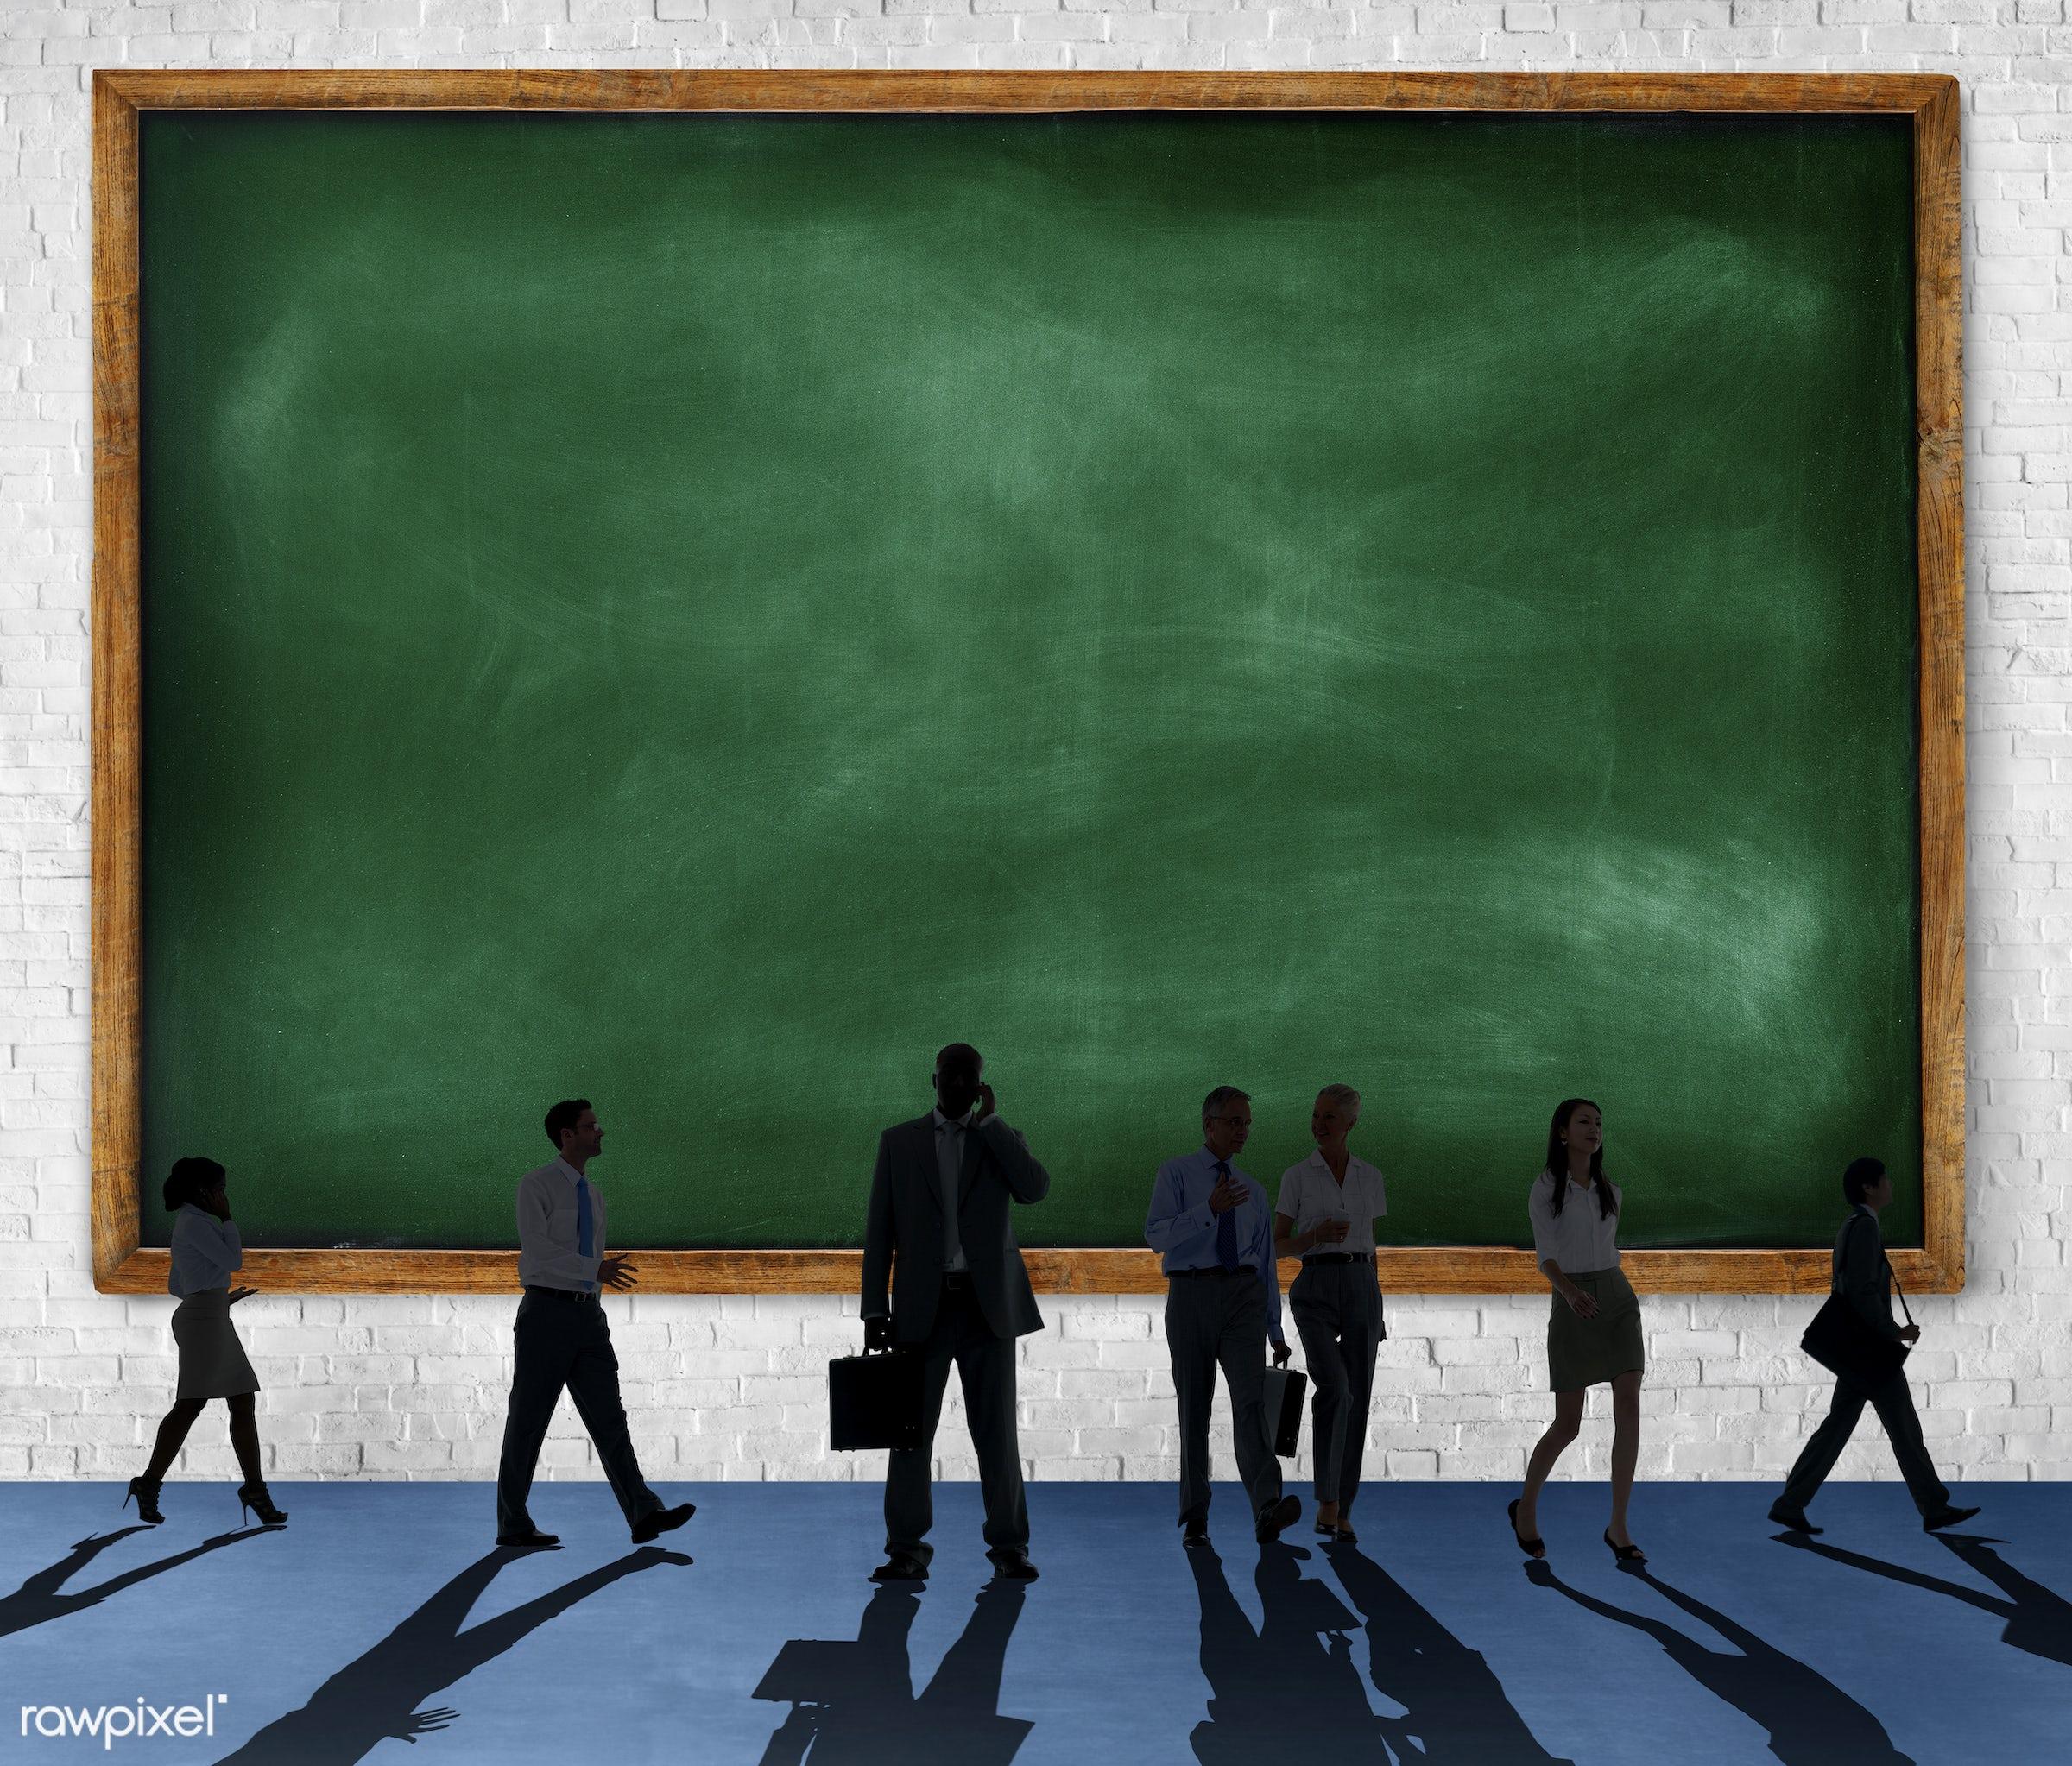 blackboard, boardroom, building, business, business people, businessmen, businesswomen, chalkboard, colleague, communication...